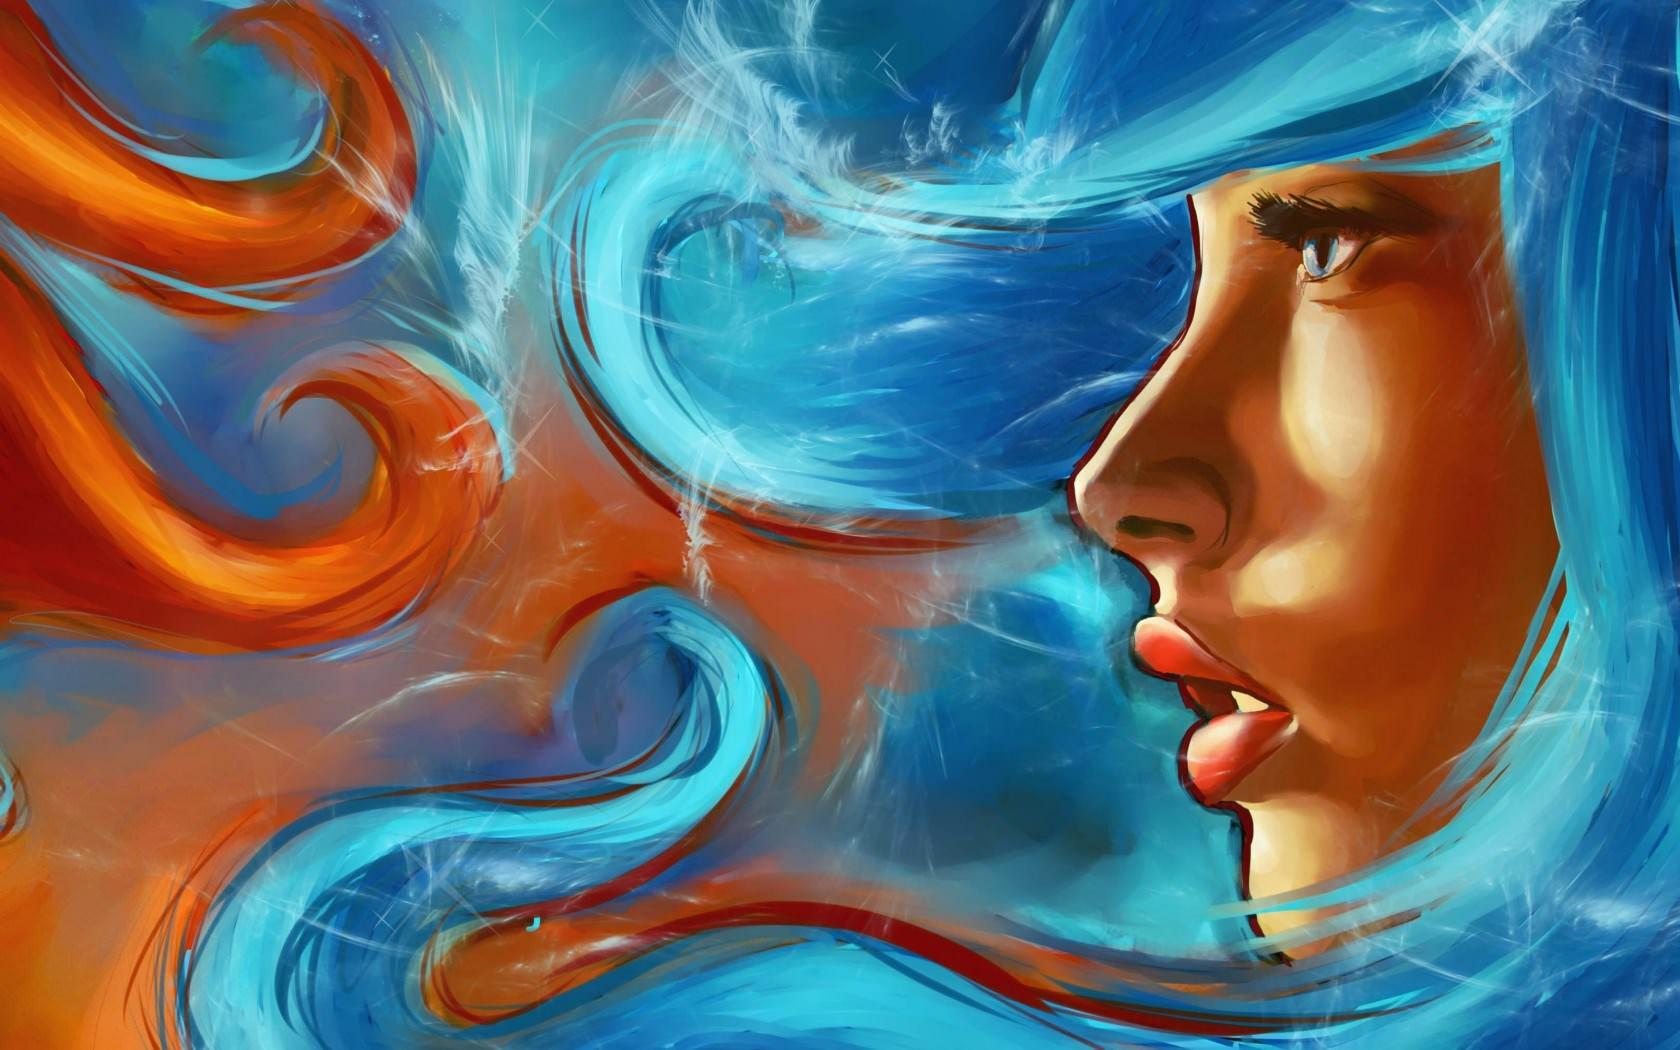 painting-art-beautiful-girl-face-hd-wallpaper